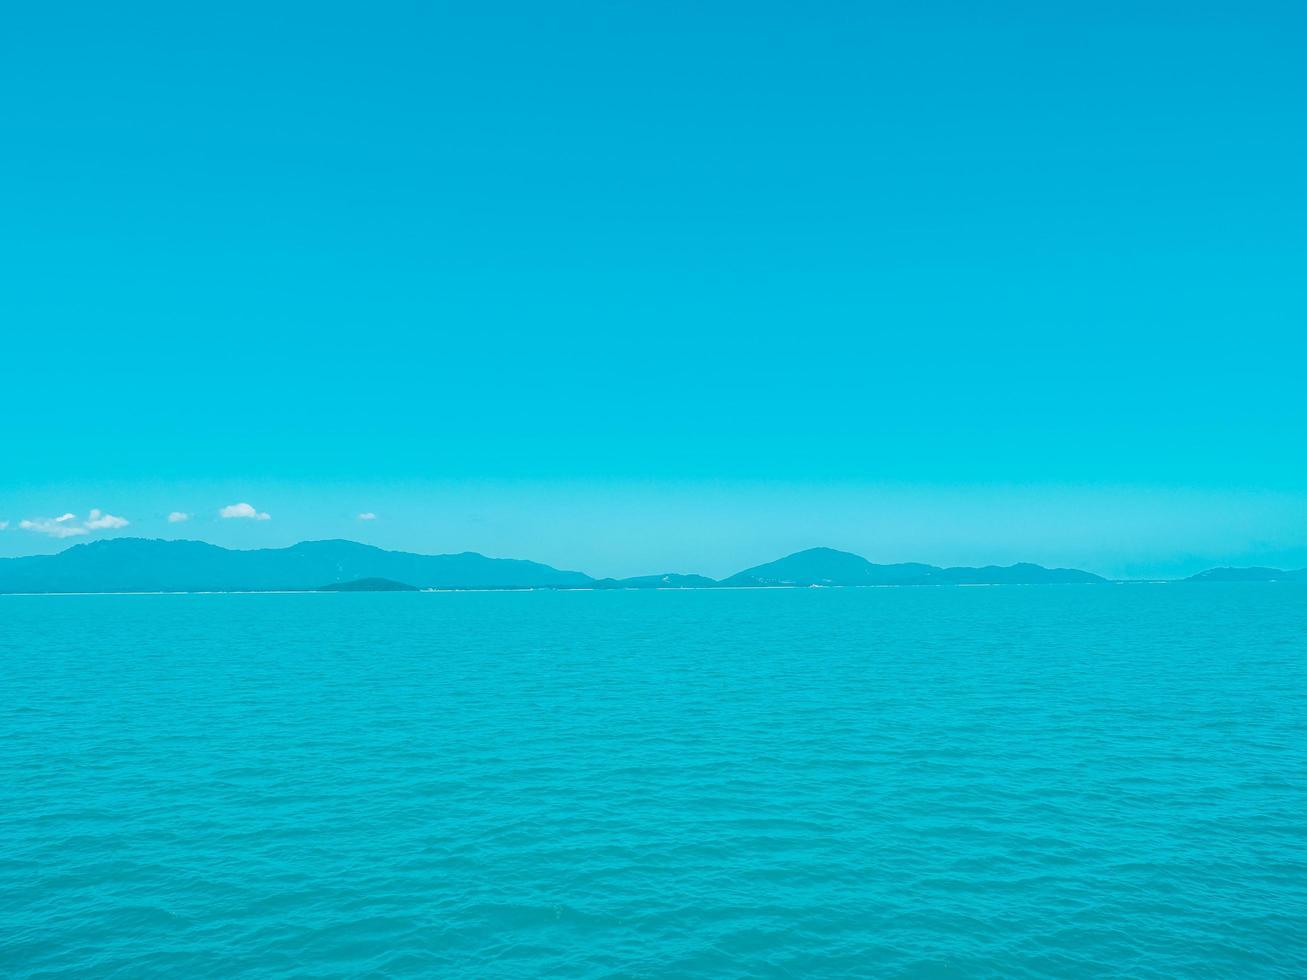 bellissimo mare tropicale foto